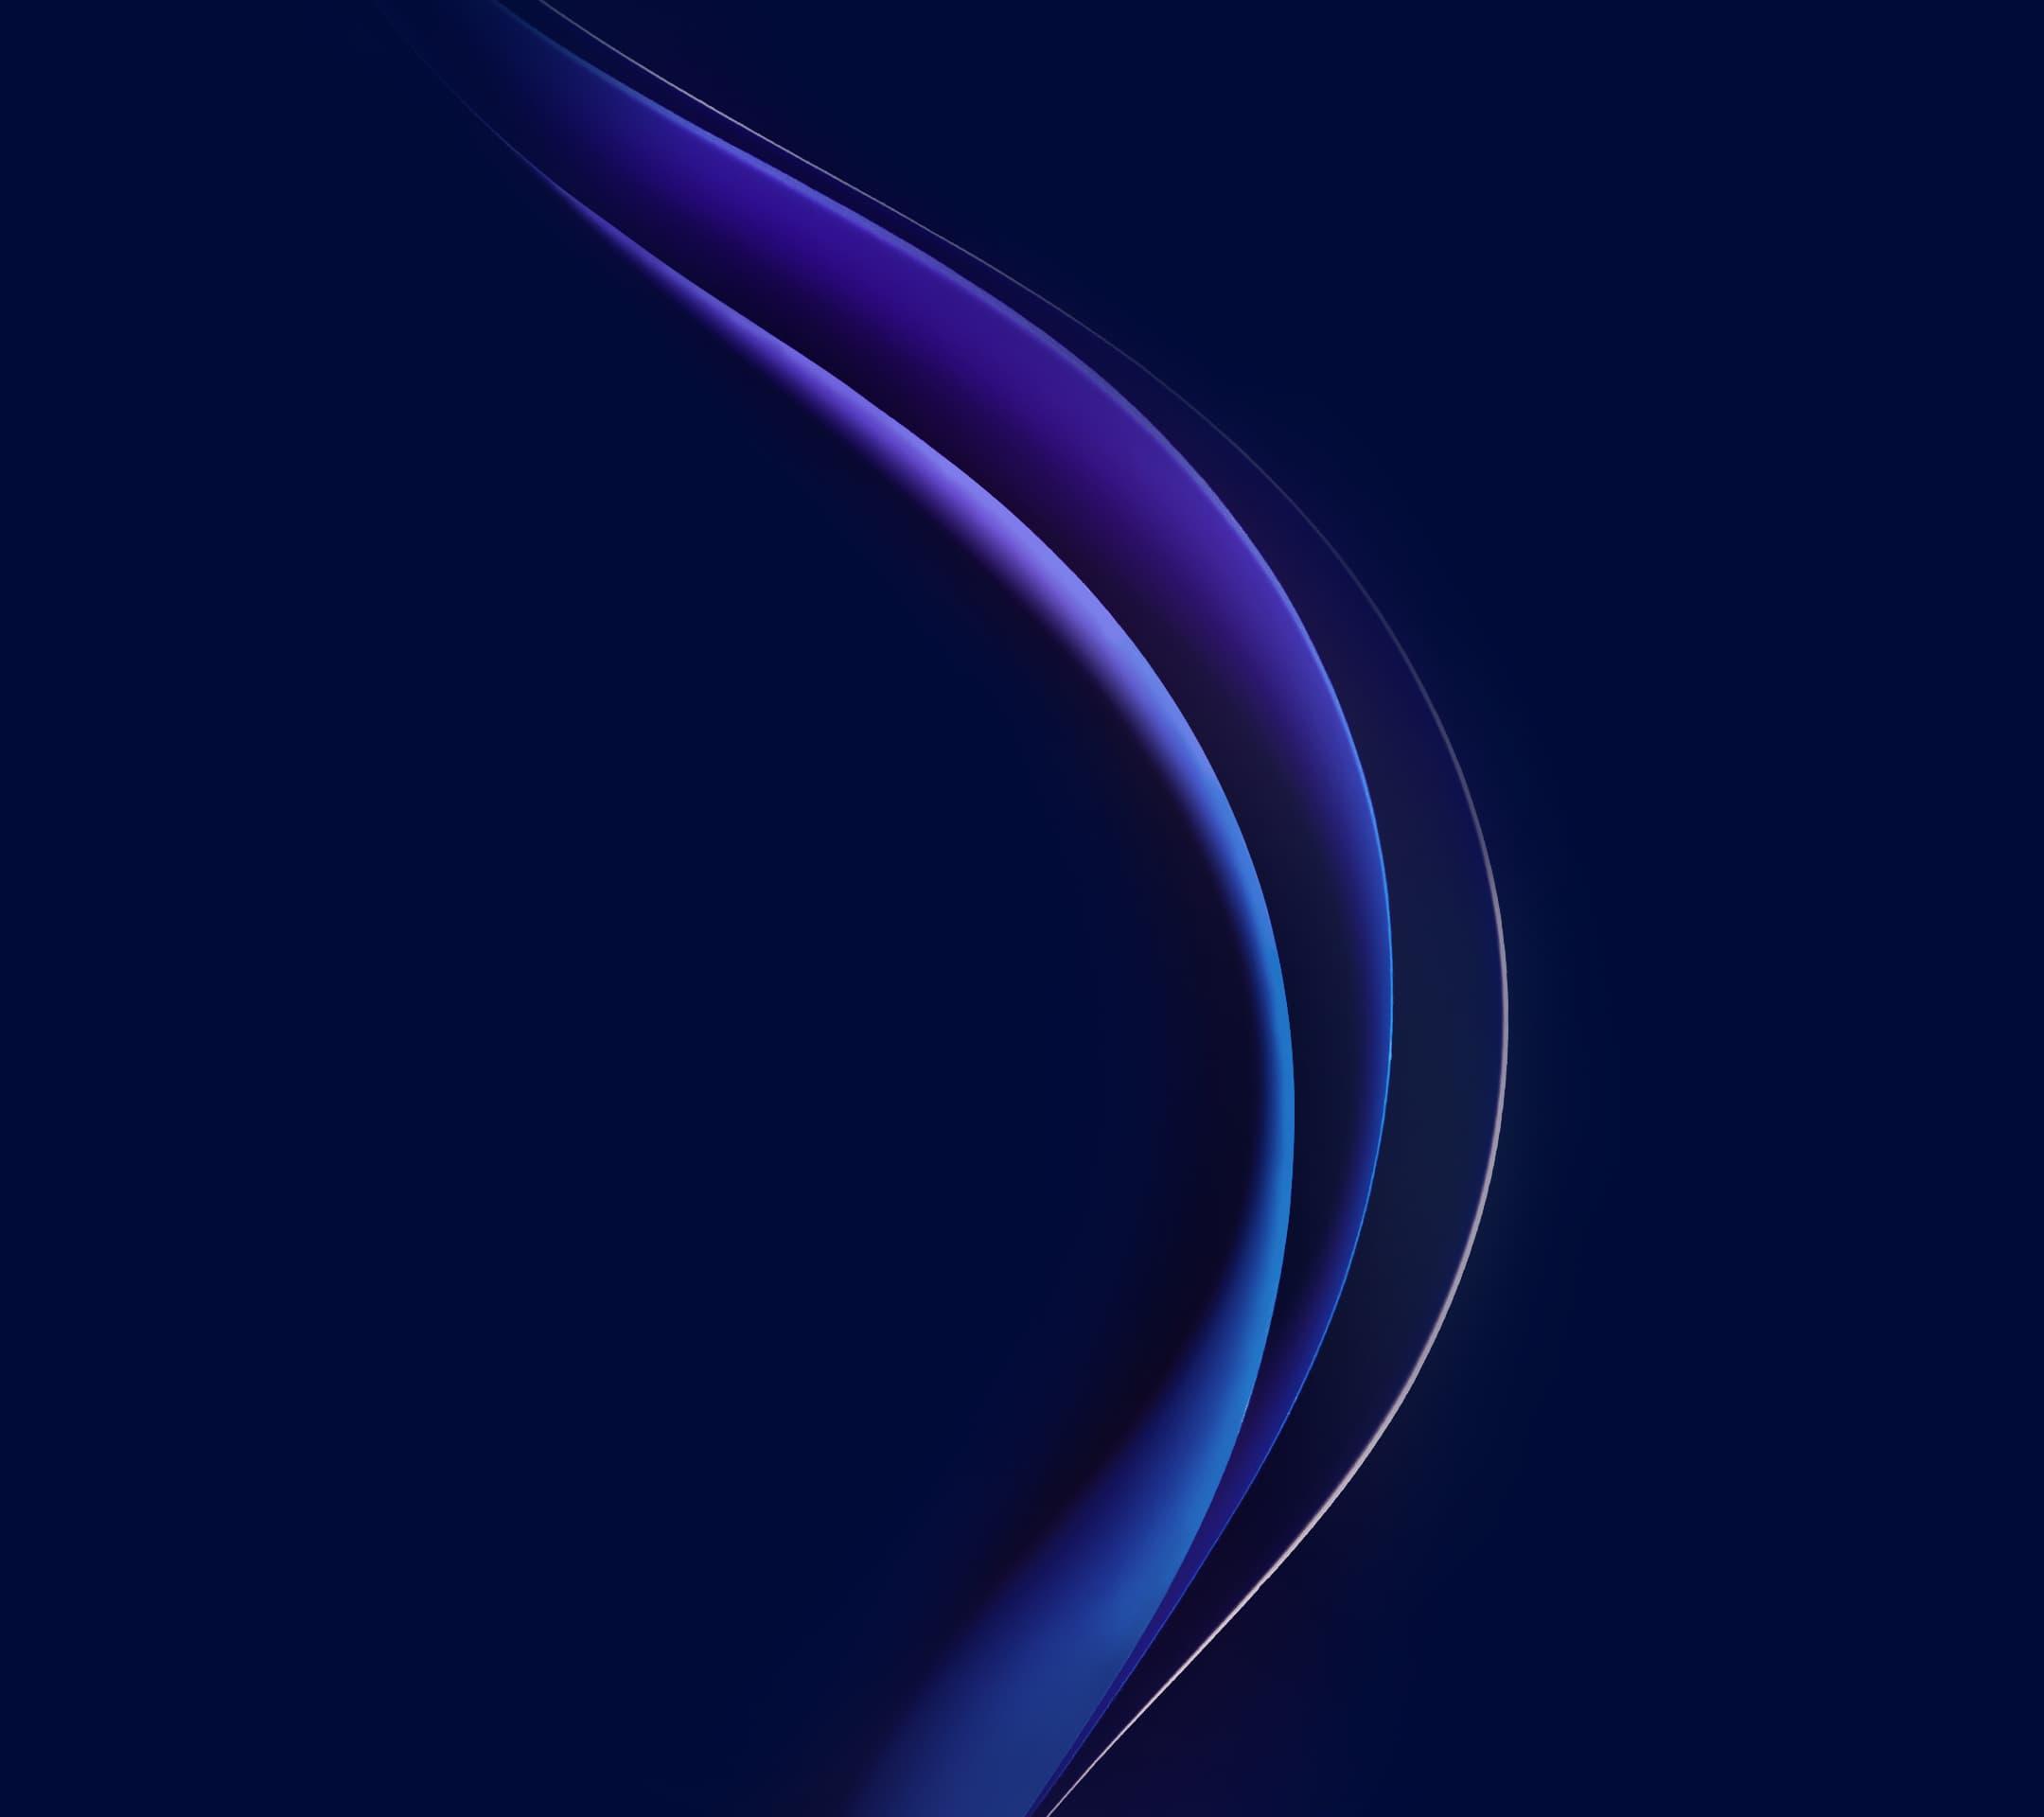 چیست دانلود کنید : تصویرزمینه اورجینال هواوی Honor 8